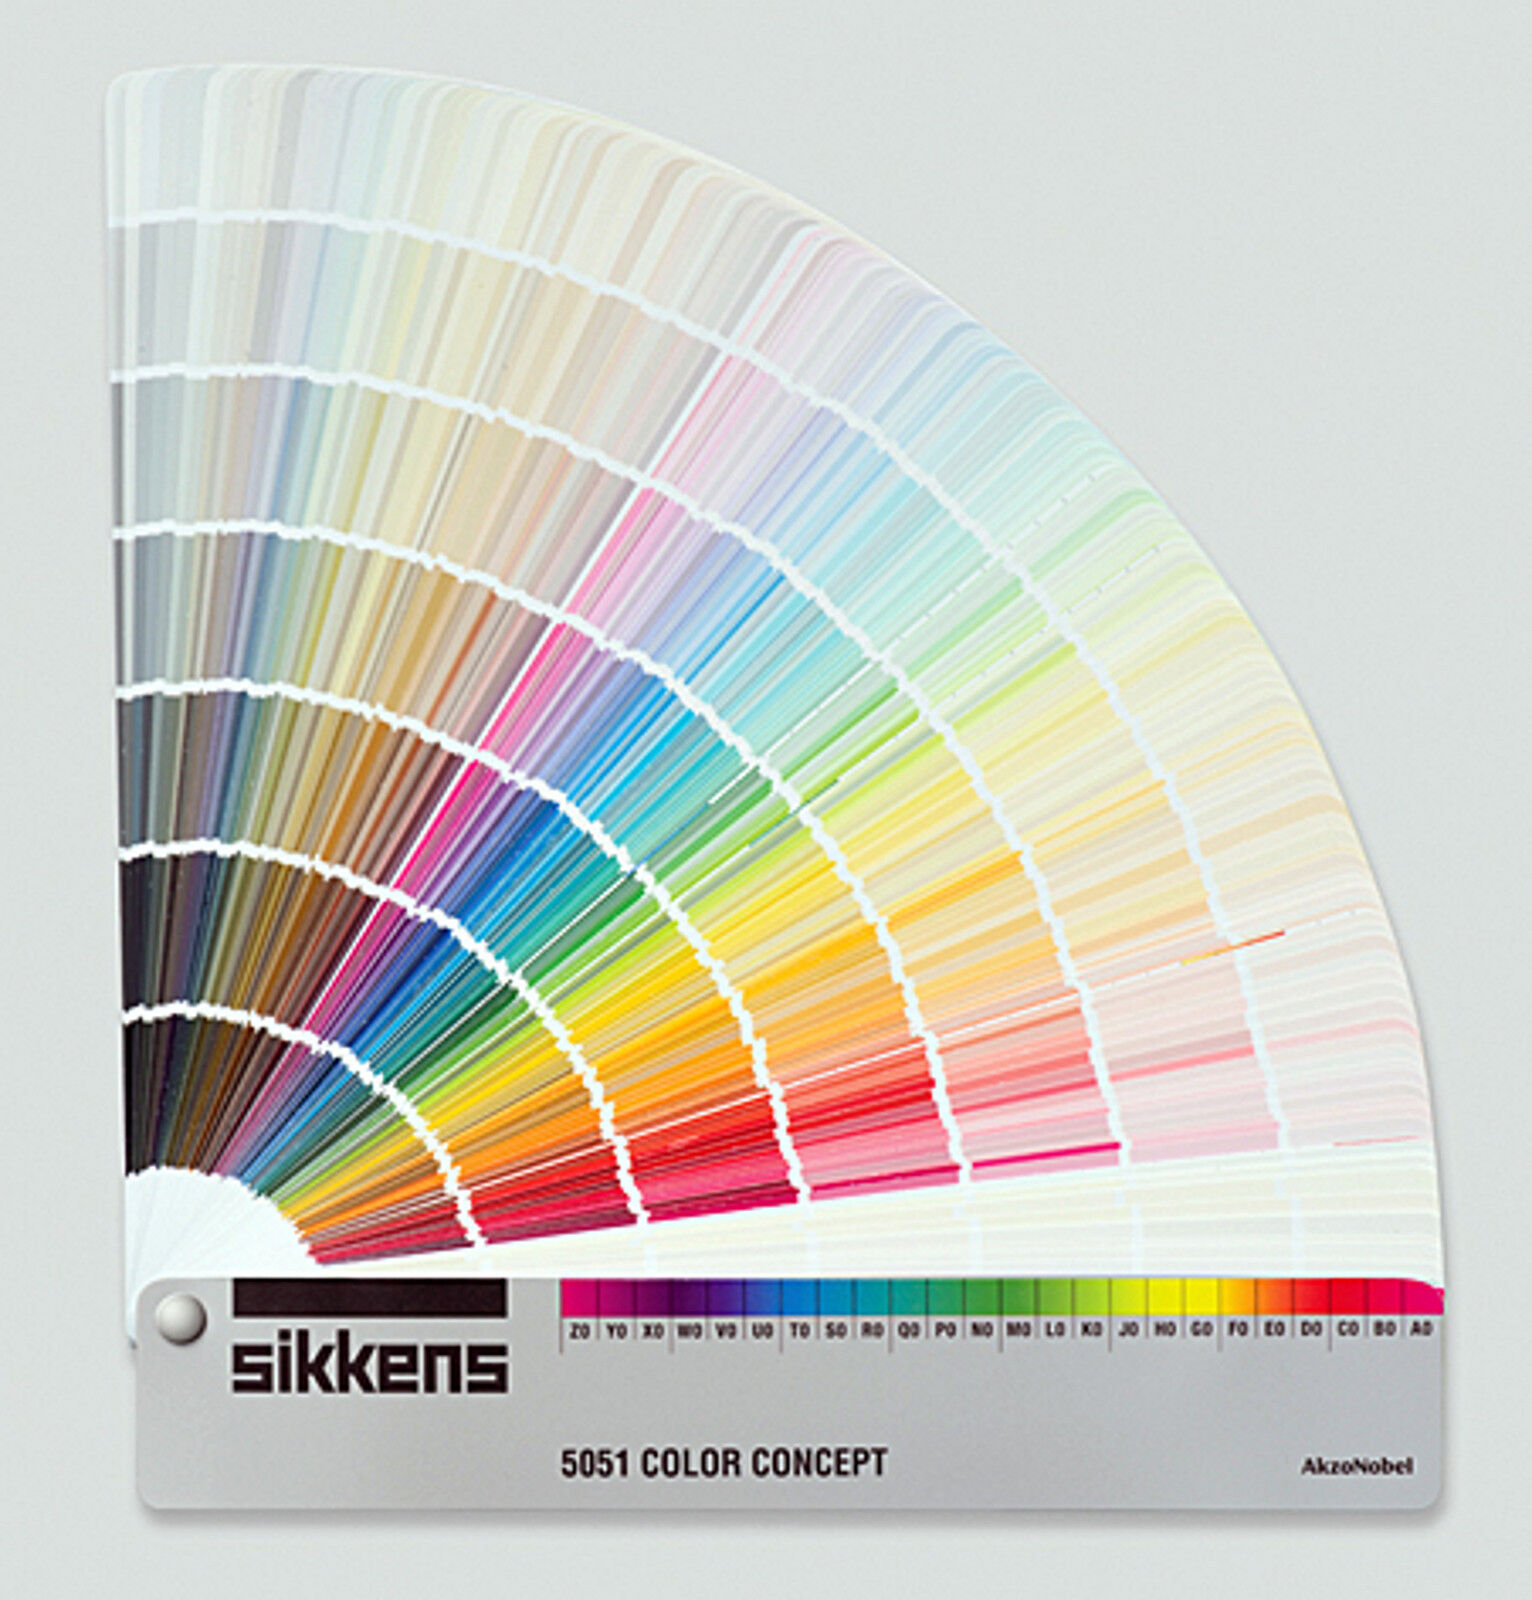 sikkens 5051 color concept farbkarte 2079 farbt ne. Black Bedroom Furniture Sets. Home Design Ideas